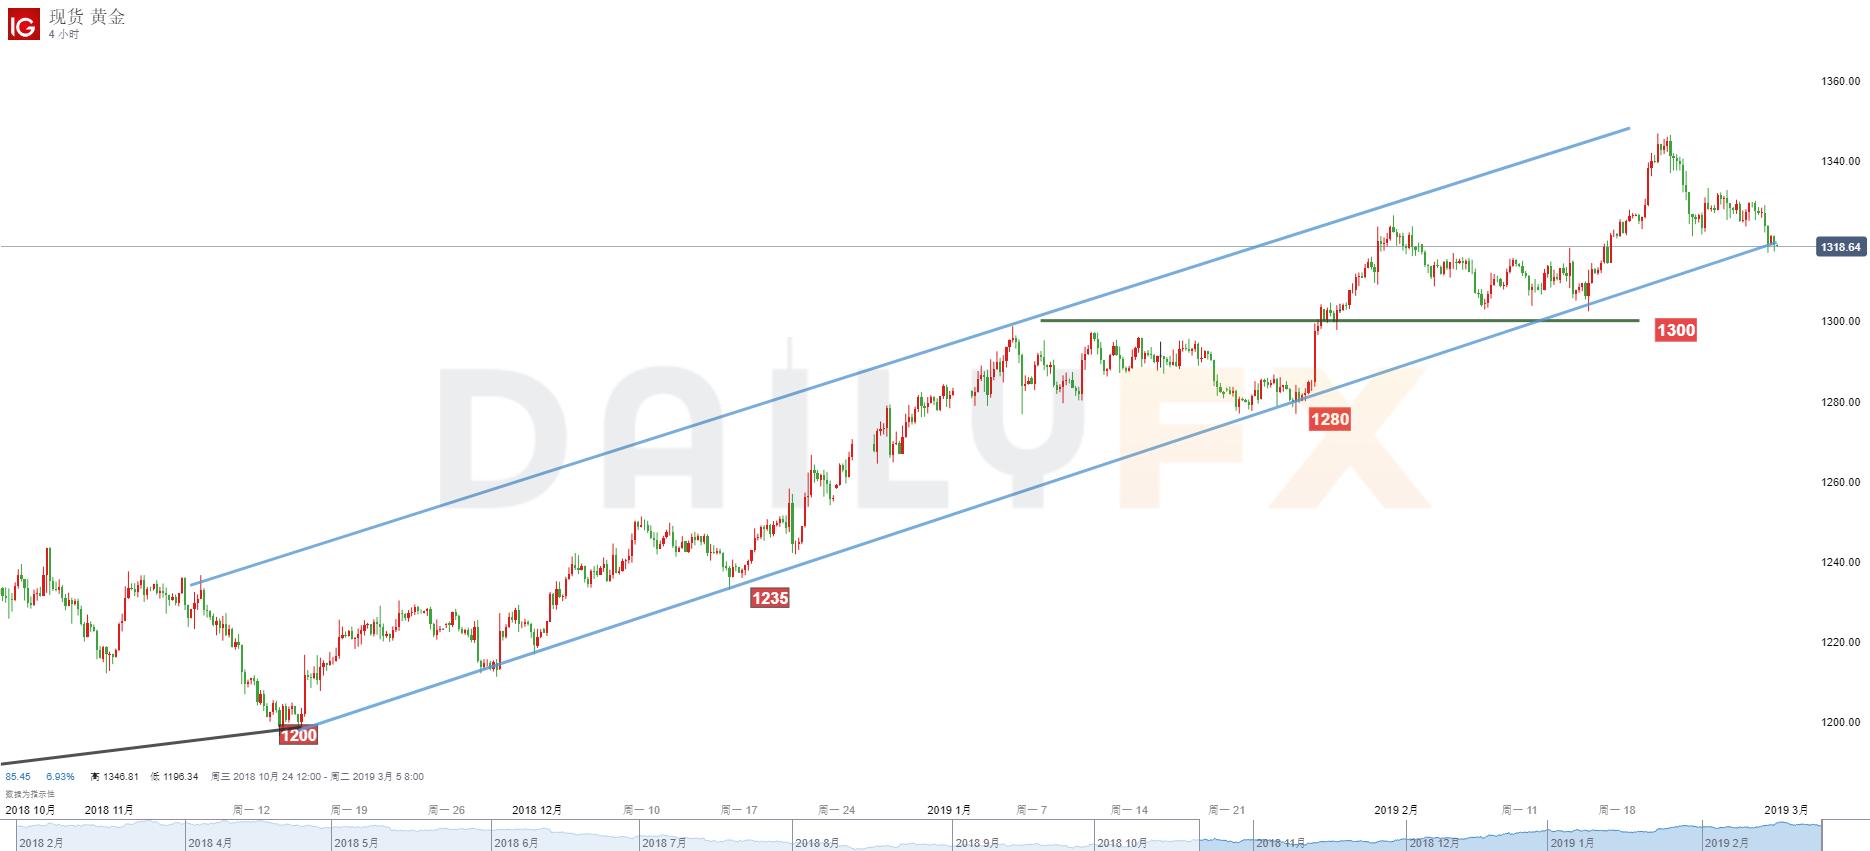 黃金/美元技術分析:跌破1315將開啟更大規模調整